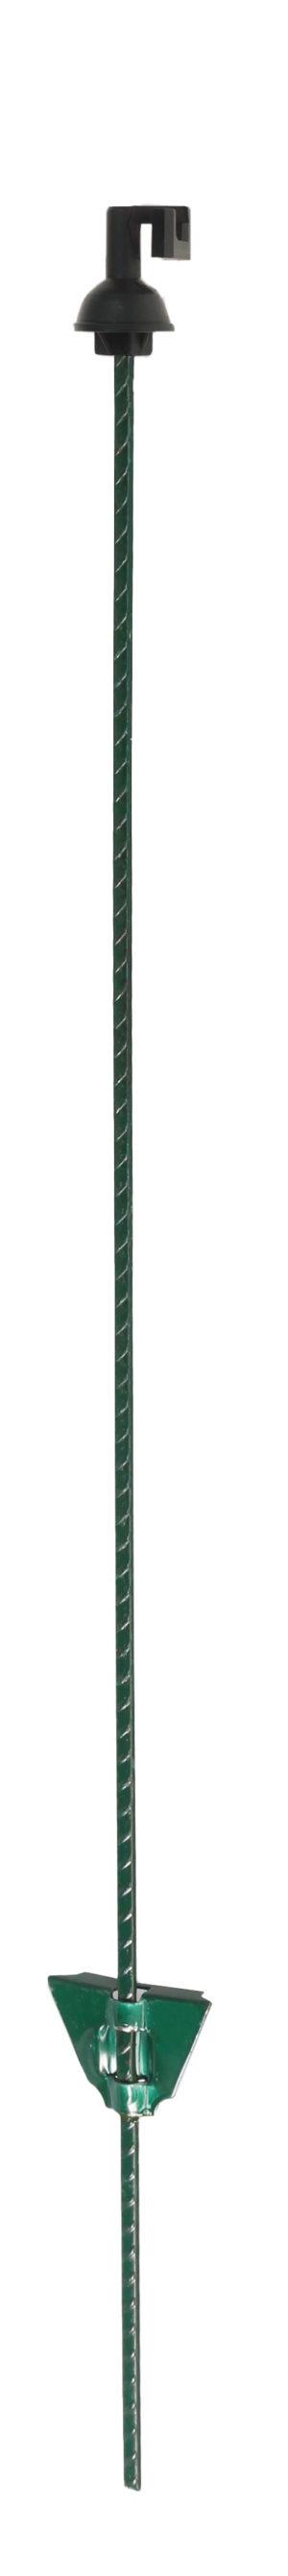 PALEN, VEERSTAAL, 105 CM GROEN, OVAAL